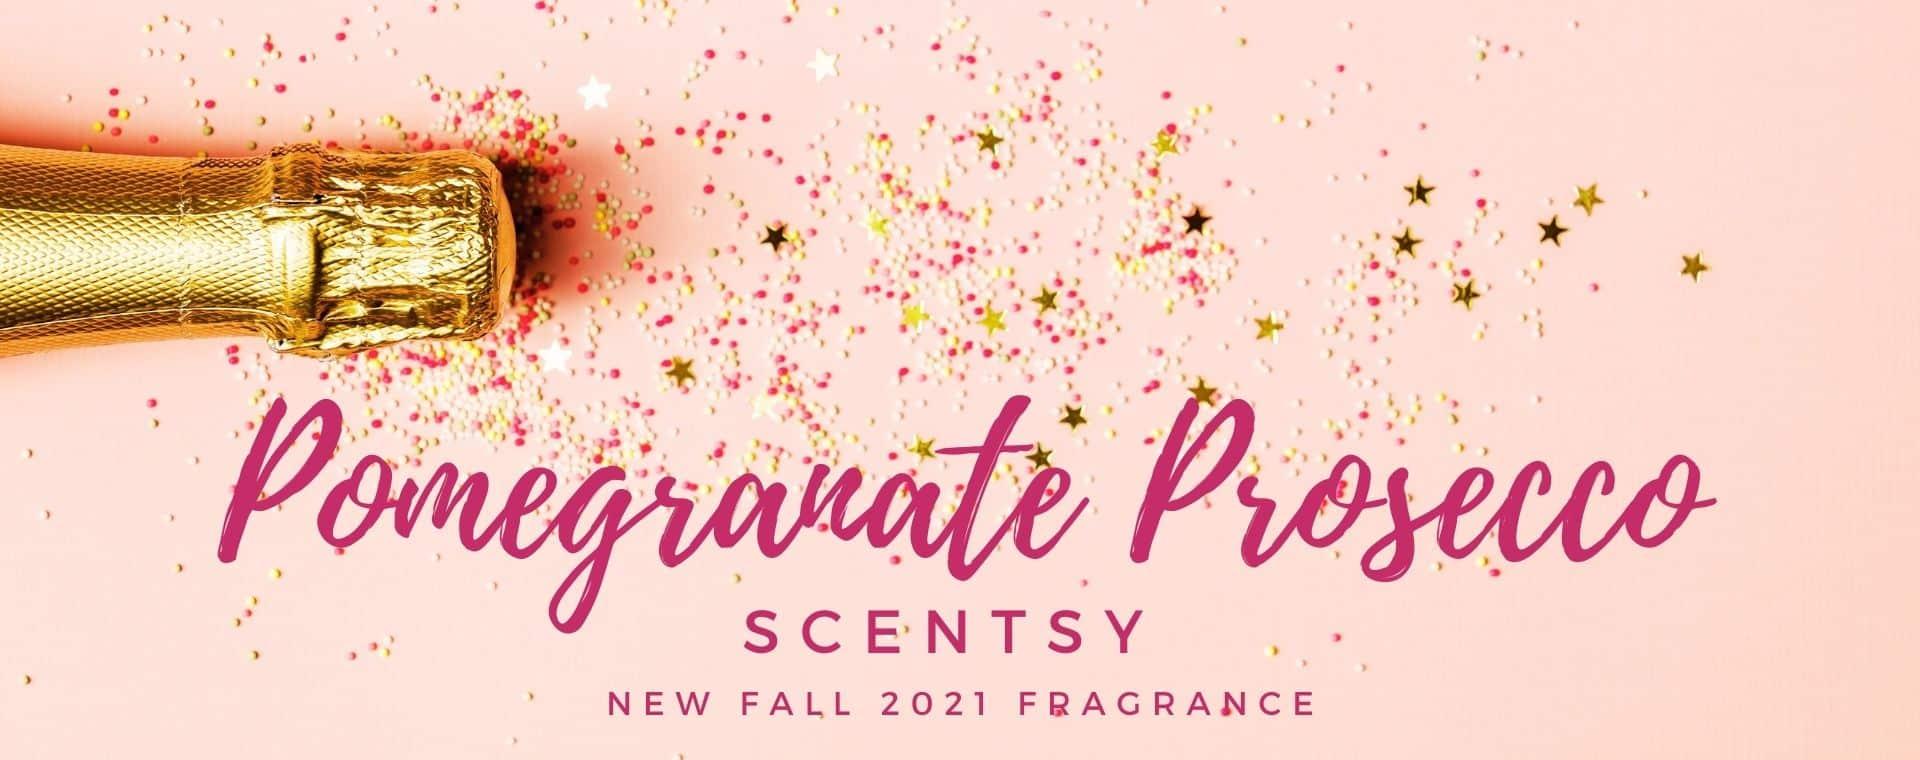 Pomegranate Prosecco Scentsy Fragrance Banner